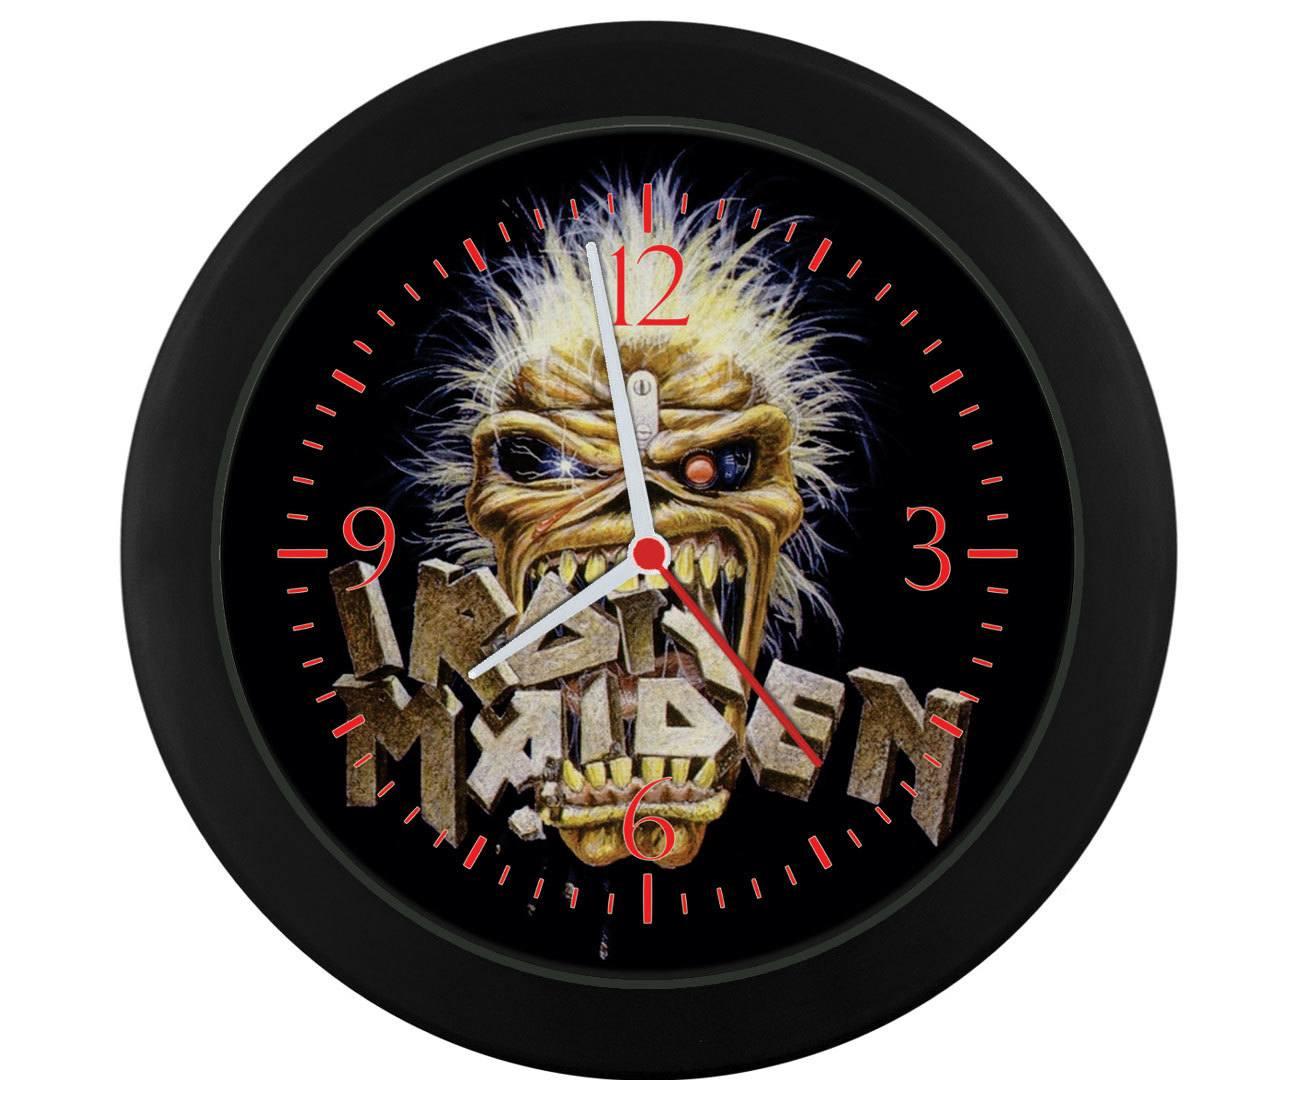 Relógio Iron Maiden Eddie the Head